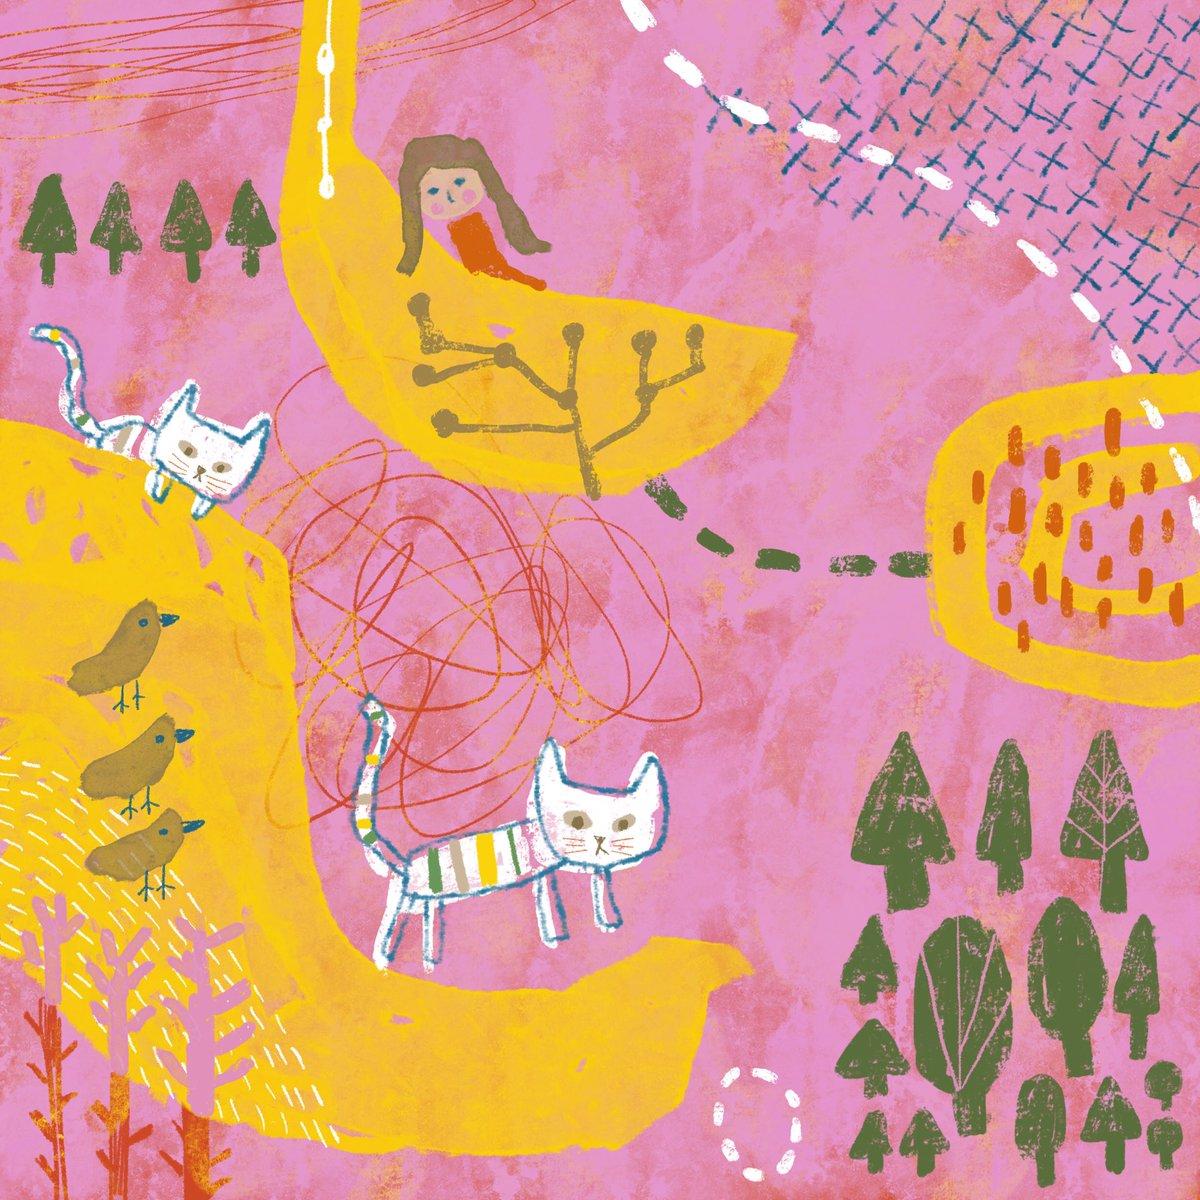 さ〜て、見回り行ってくるかにゃ☀️😾  #doodle #illustration #art #artist #artwork #painting #drawing #Procreate #digital #painter #picture #cute #cat #happy #peace #nature #animal #daily #journal #イラスト #落書き #絵 #猫 #ほっこり #アート #デジタル #自然 https://t.co/WA1S8xXdt6